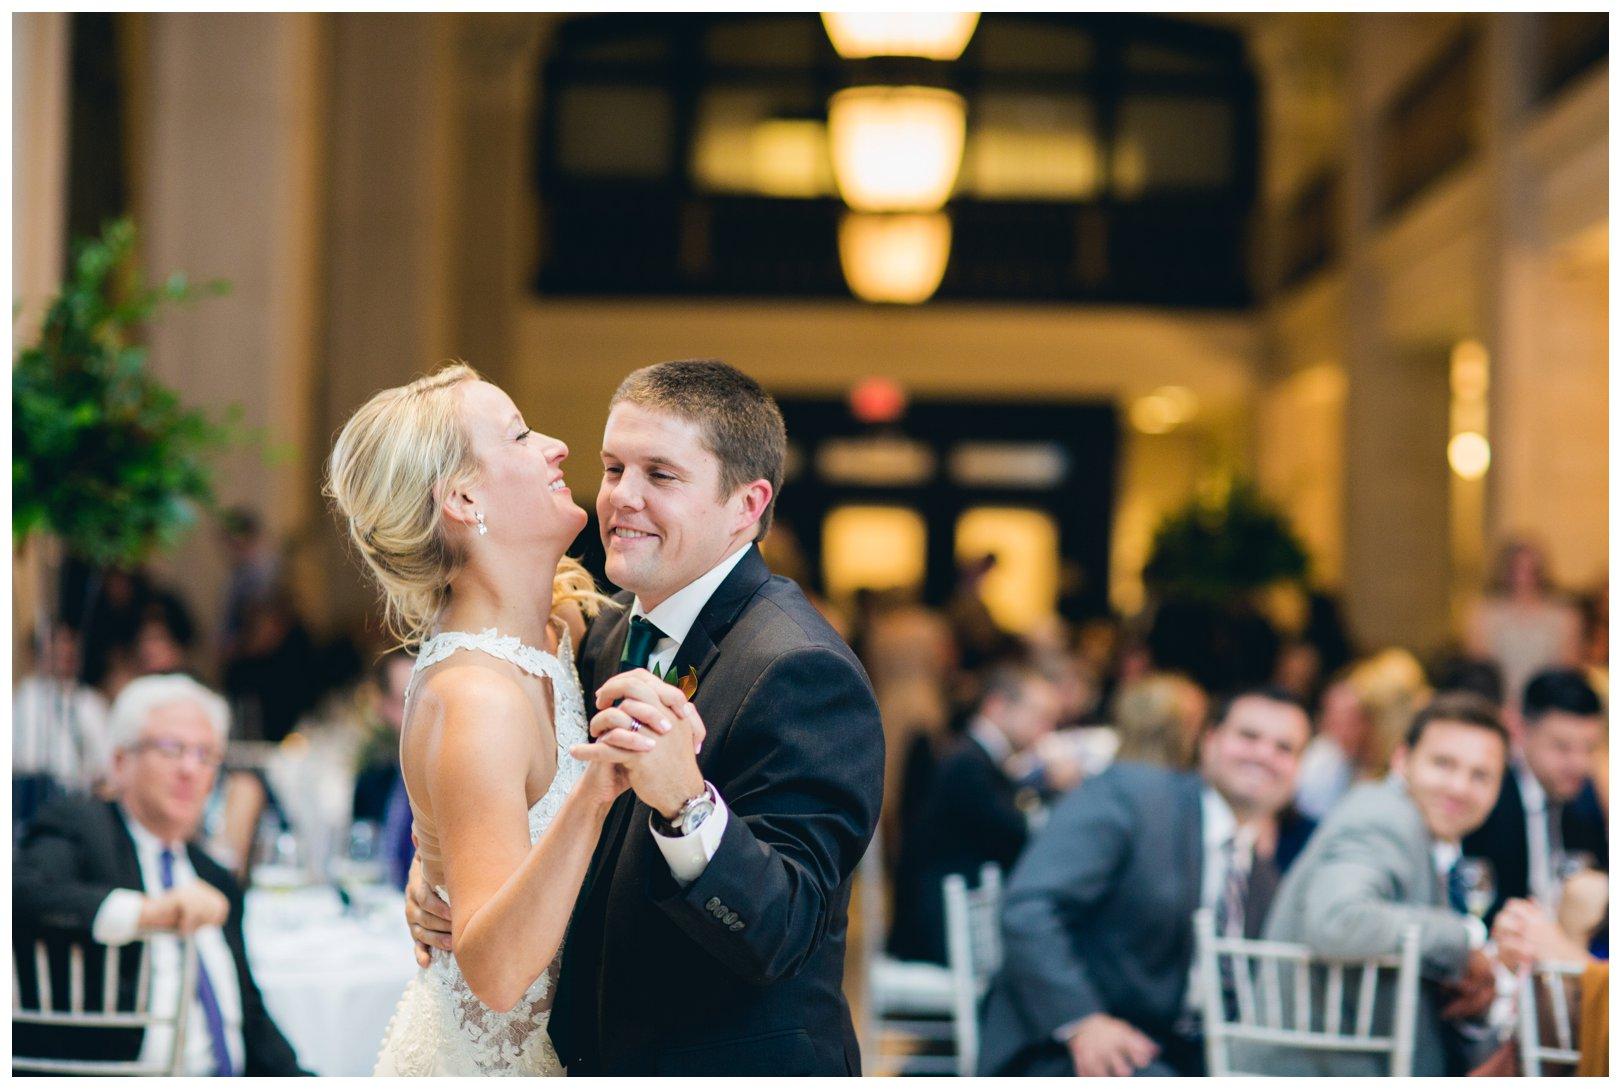 lauren muckler photography_fine art film wedding photography_st louis_photography_2454.jpg